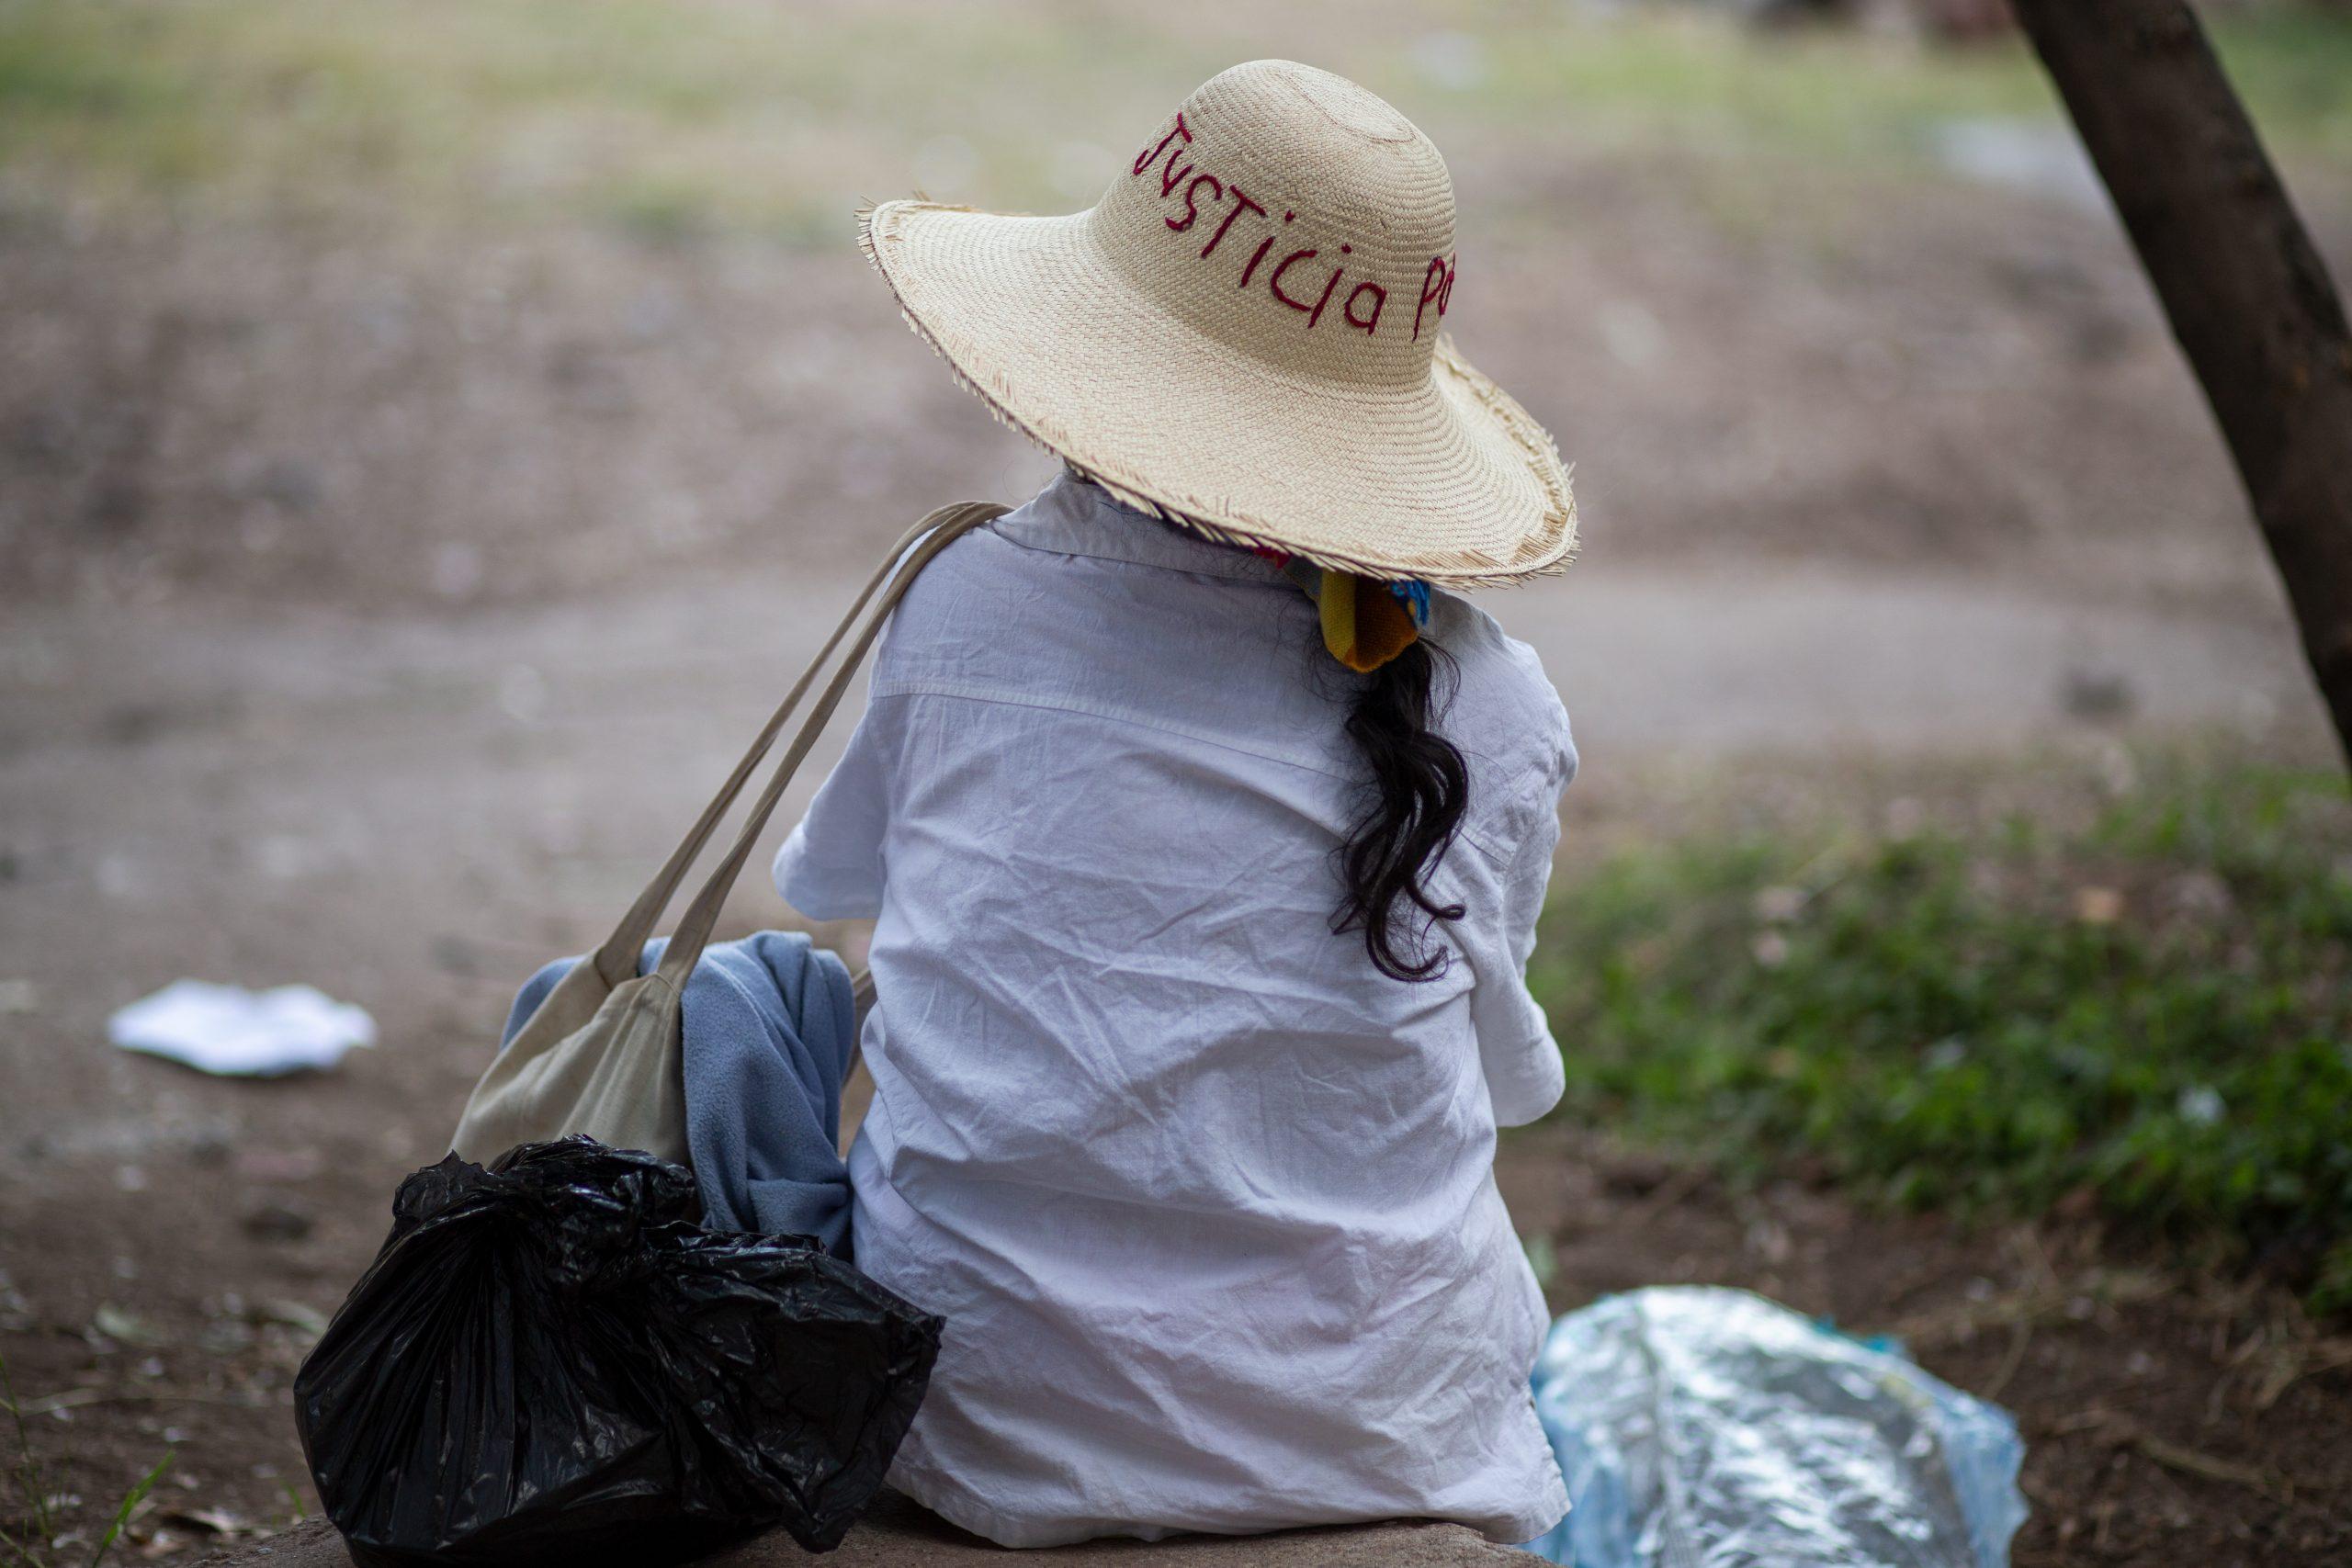 La lucha por justicia, tras el asesinato de Berta Cáceres, ha tenido distintas expresiones que transcurren desde la lucha legal hasta la cosmovisión espiritual de los pueblos indígenas. Tegucigalpa, 17 de mayo de 2021. Foto: Martín Cálix.